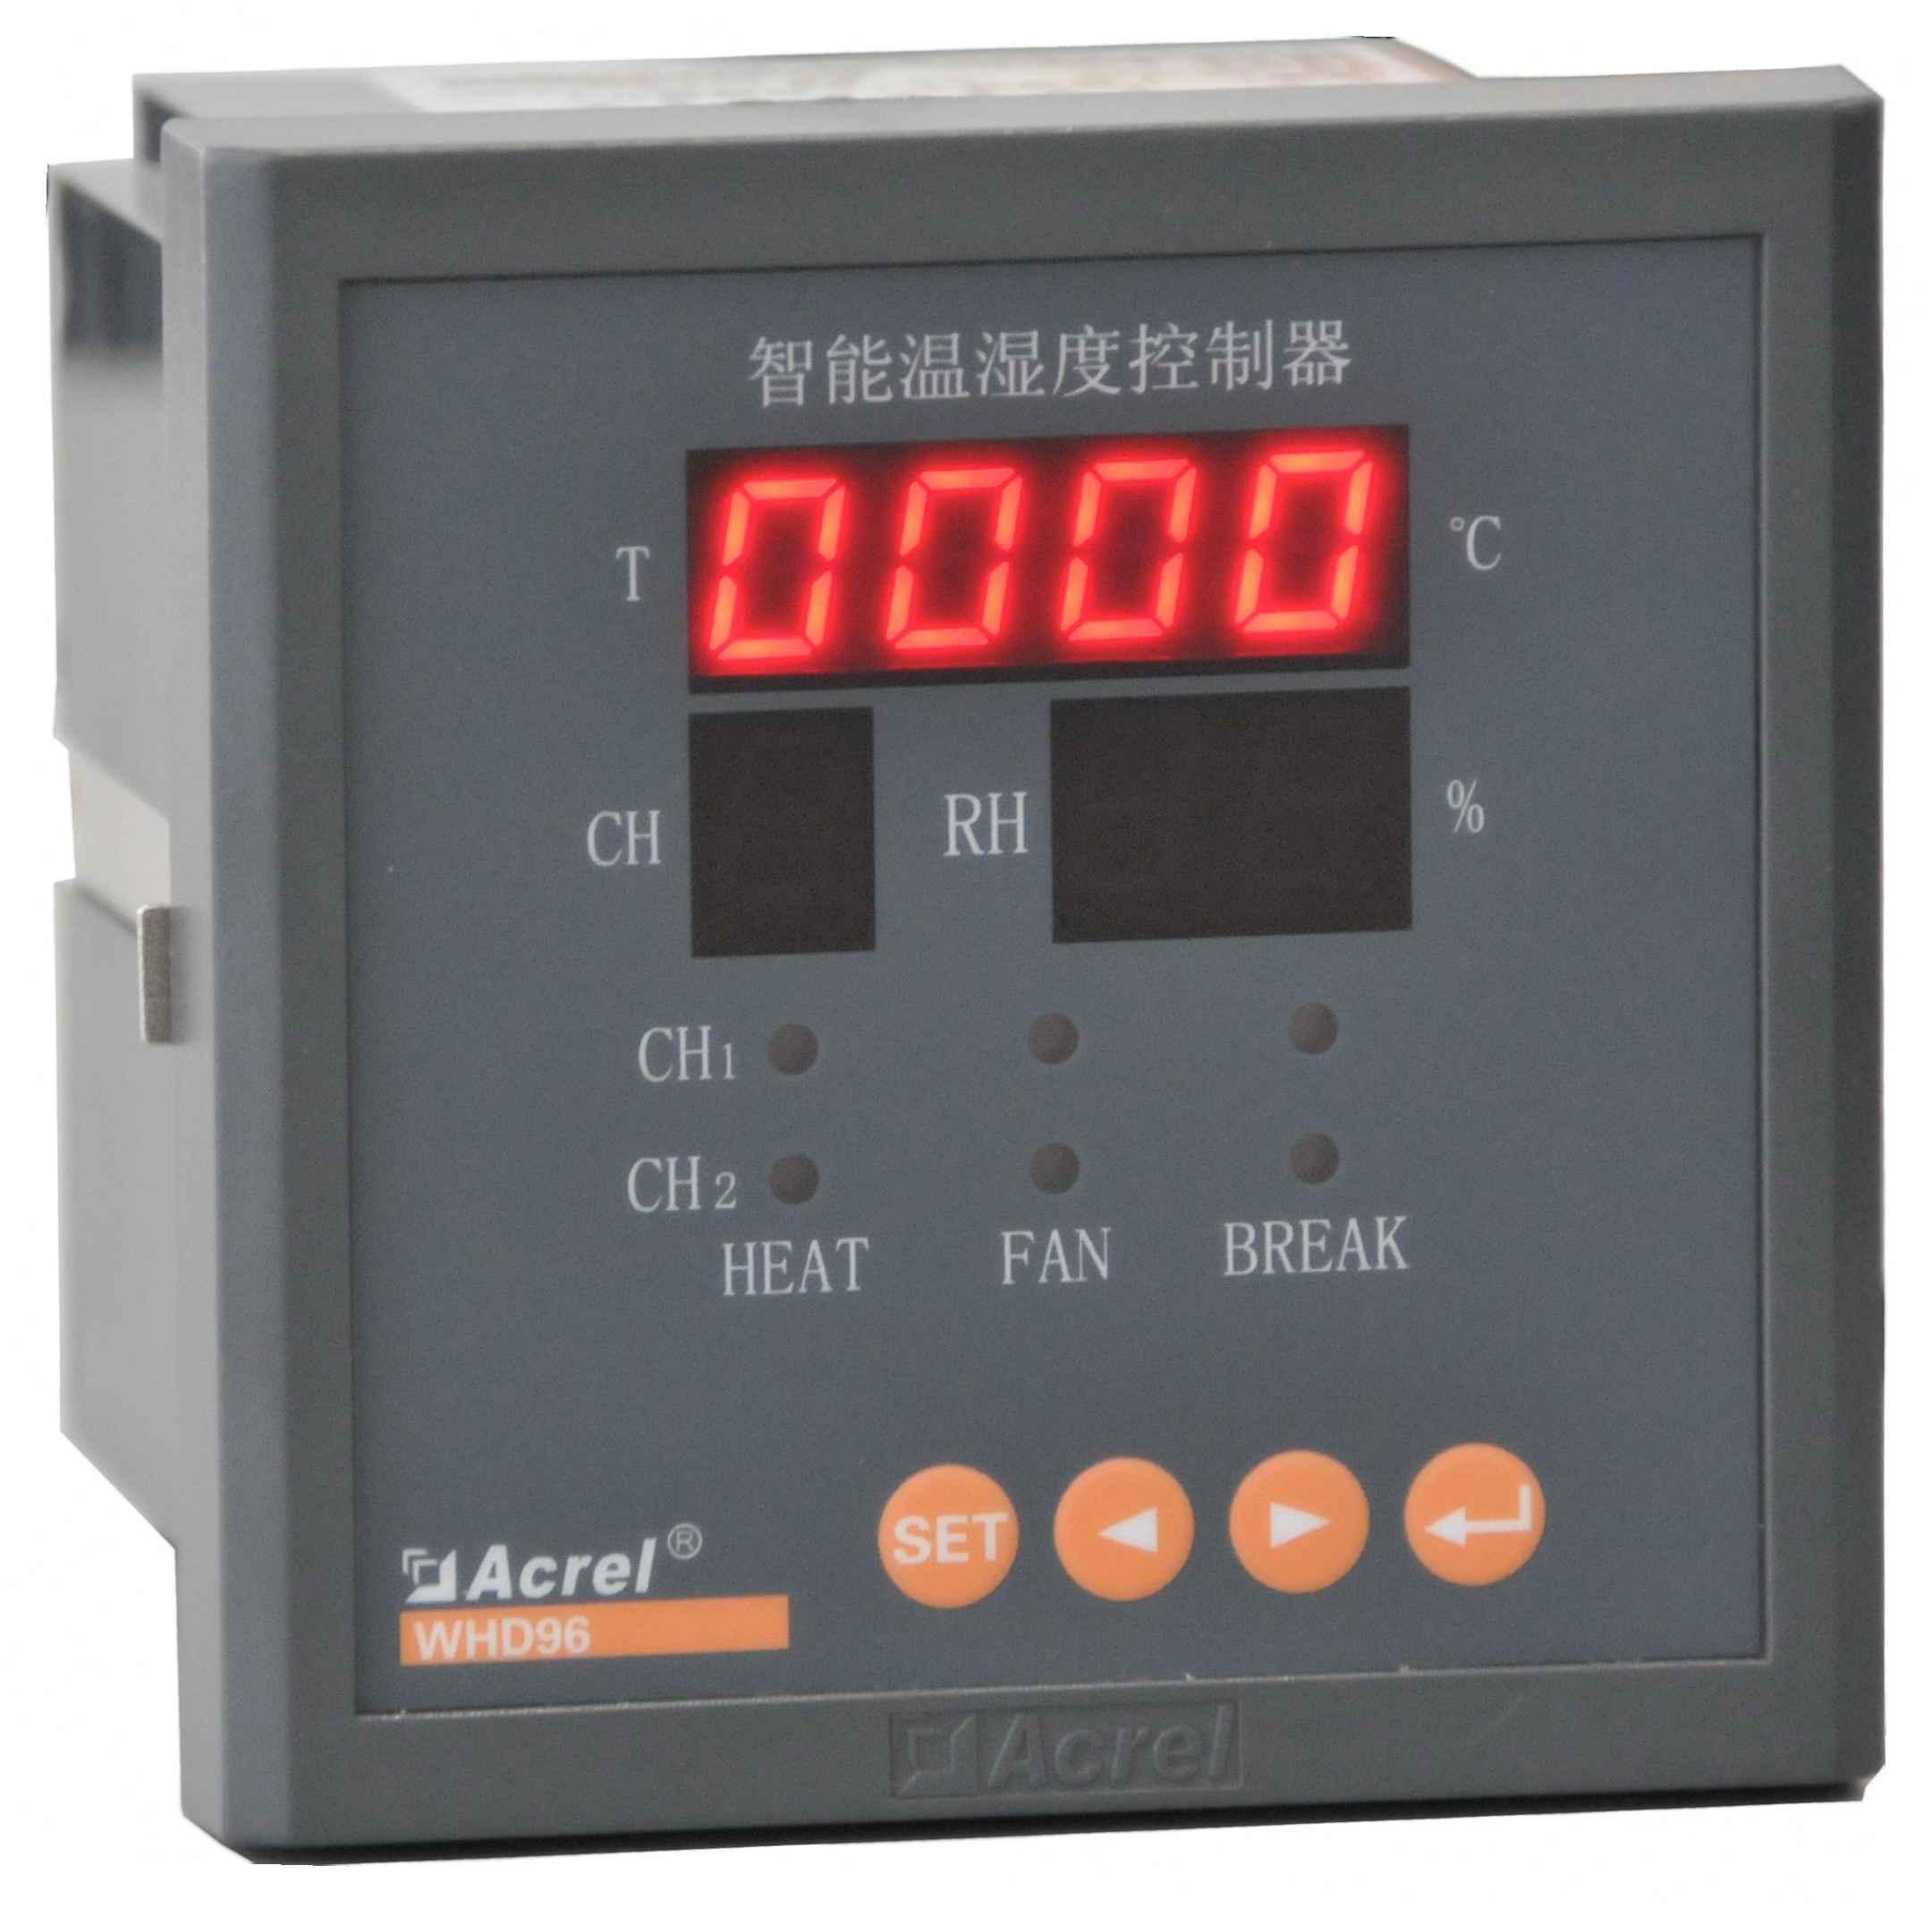 WHD系列智能型温湿度控制器 3.2.1 型号说明    说明:   1、WHD48、WHD72、WHD90R最多可接1路温湿度传感器;   2、WHD96最多可接2路温湿度传感器;   3、WHD46最多可接3路温湿度传感器;   4、每一路传感器对应二组控制输出接点(无源),分别接加热器和风扇,加热器用于升温或去湿,风扇用于降温;   5、RS485通讯功能、报警输出功能、变送功能只能三者选一;   6、传感器与控制器之间的连接线长度最大不得超过20米。 3.